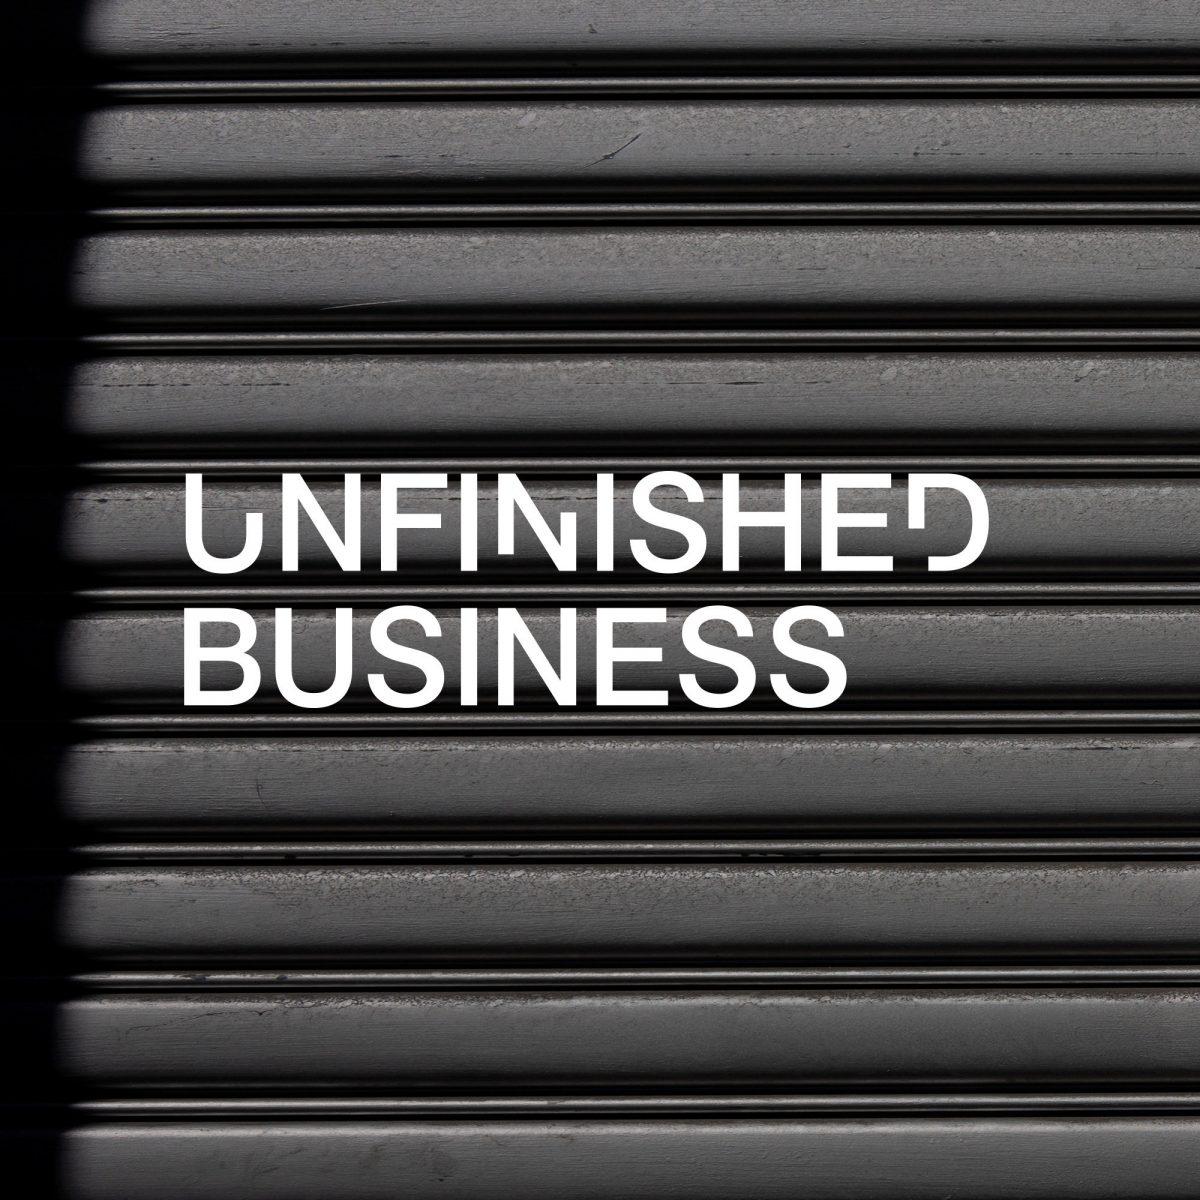 Hennessy establece un fondo de recuperación para los pequeños negocios de $3 millones de dólares